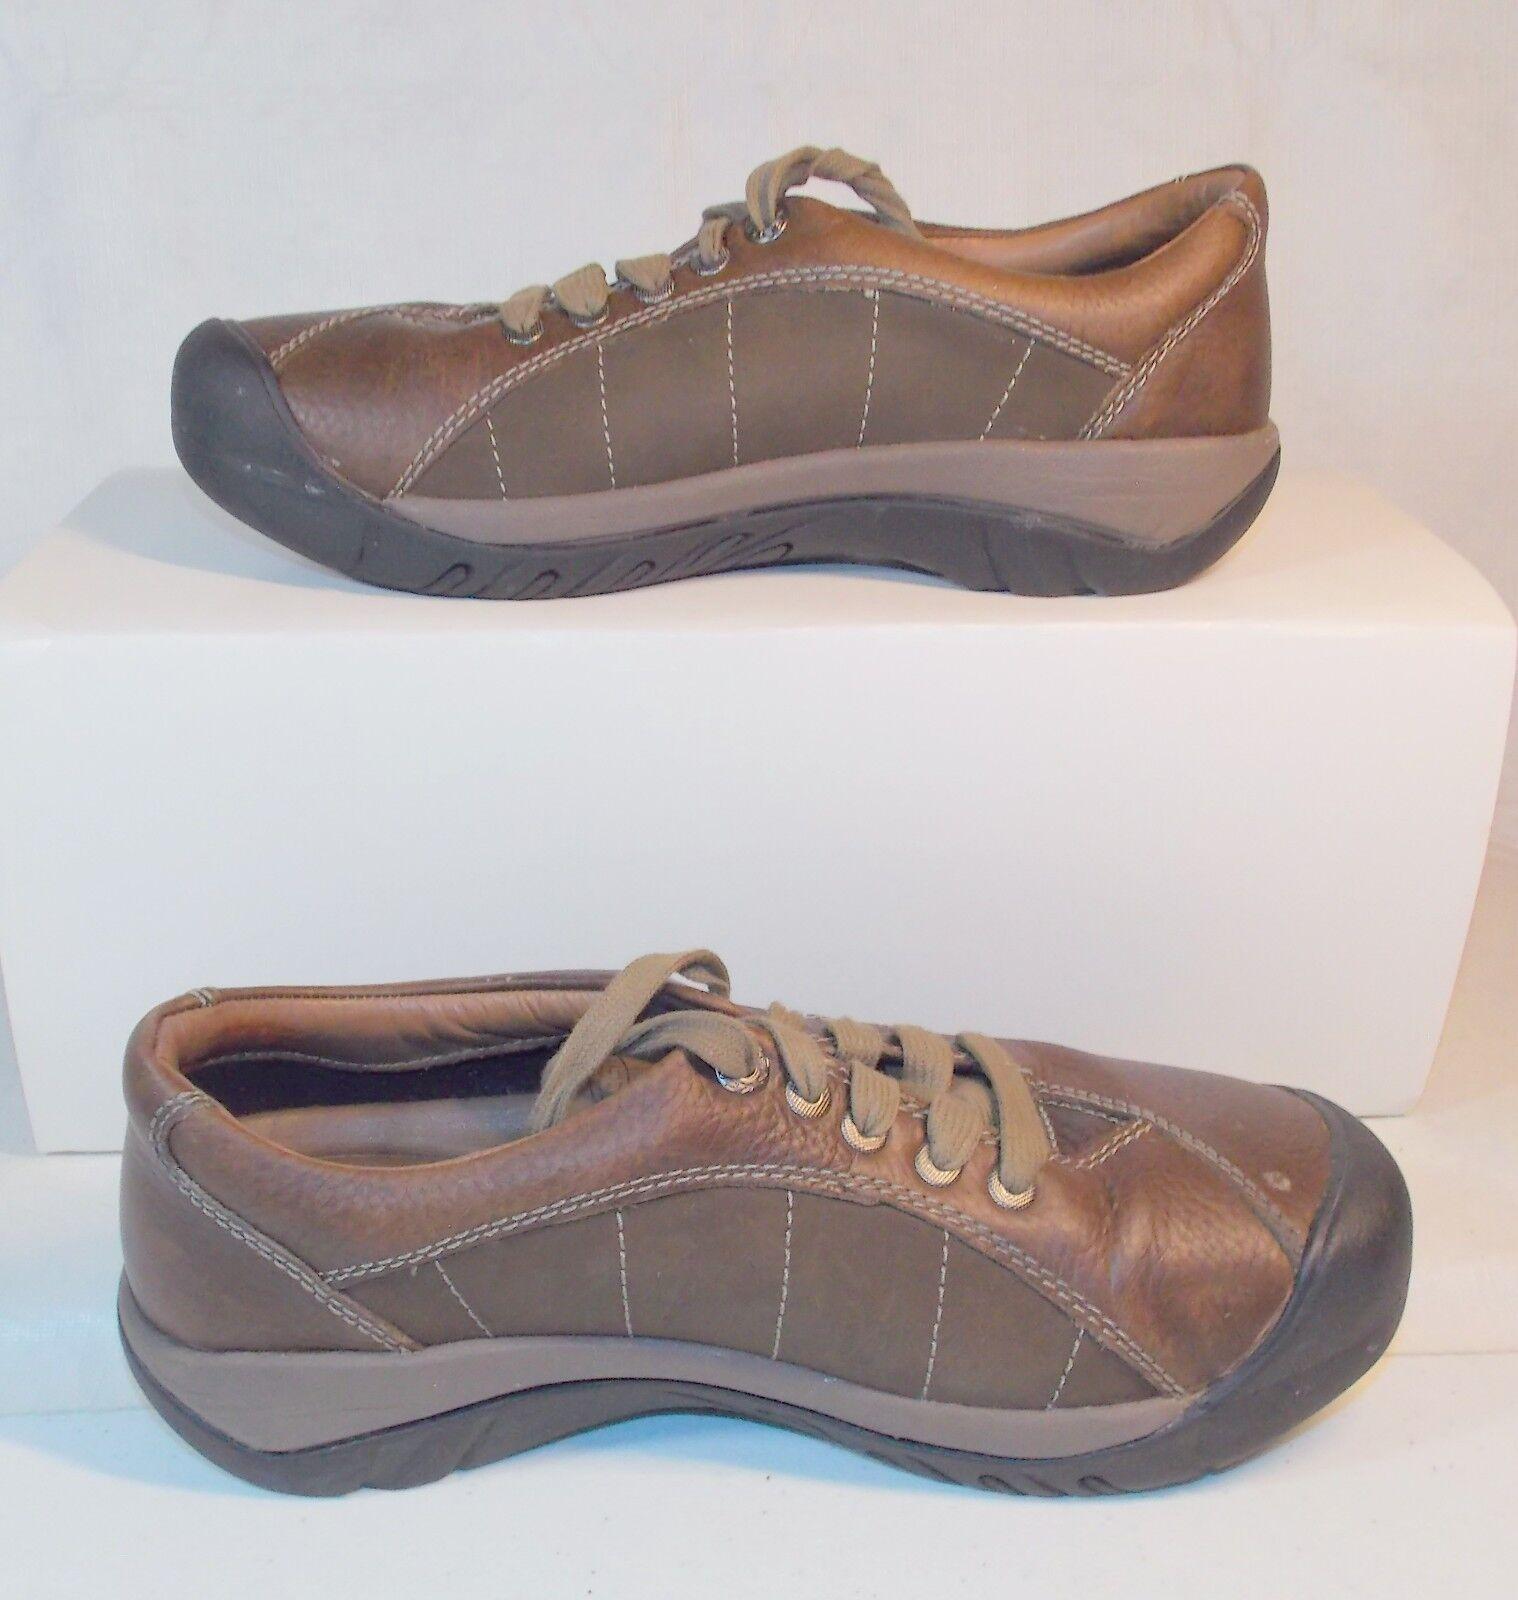 KEEN 1011401 Women's Presidio Hiking Walking shoes Brown Women's US Size 8.5